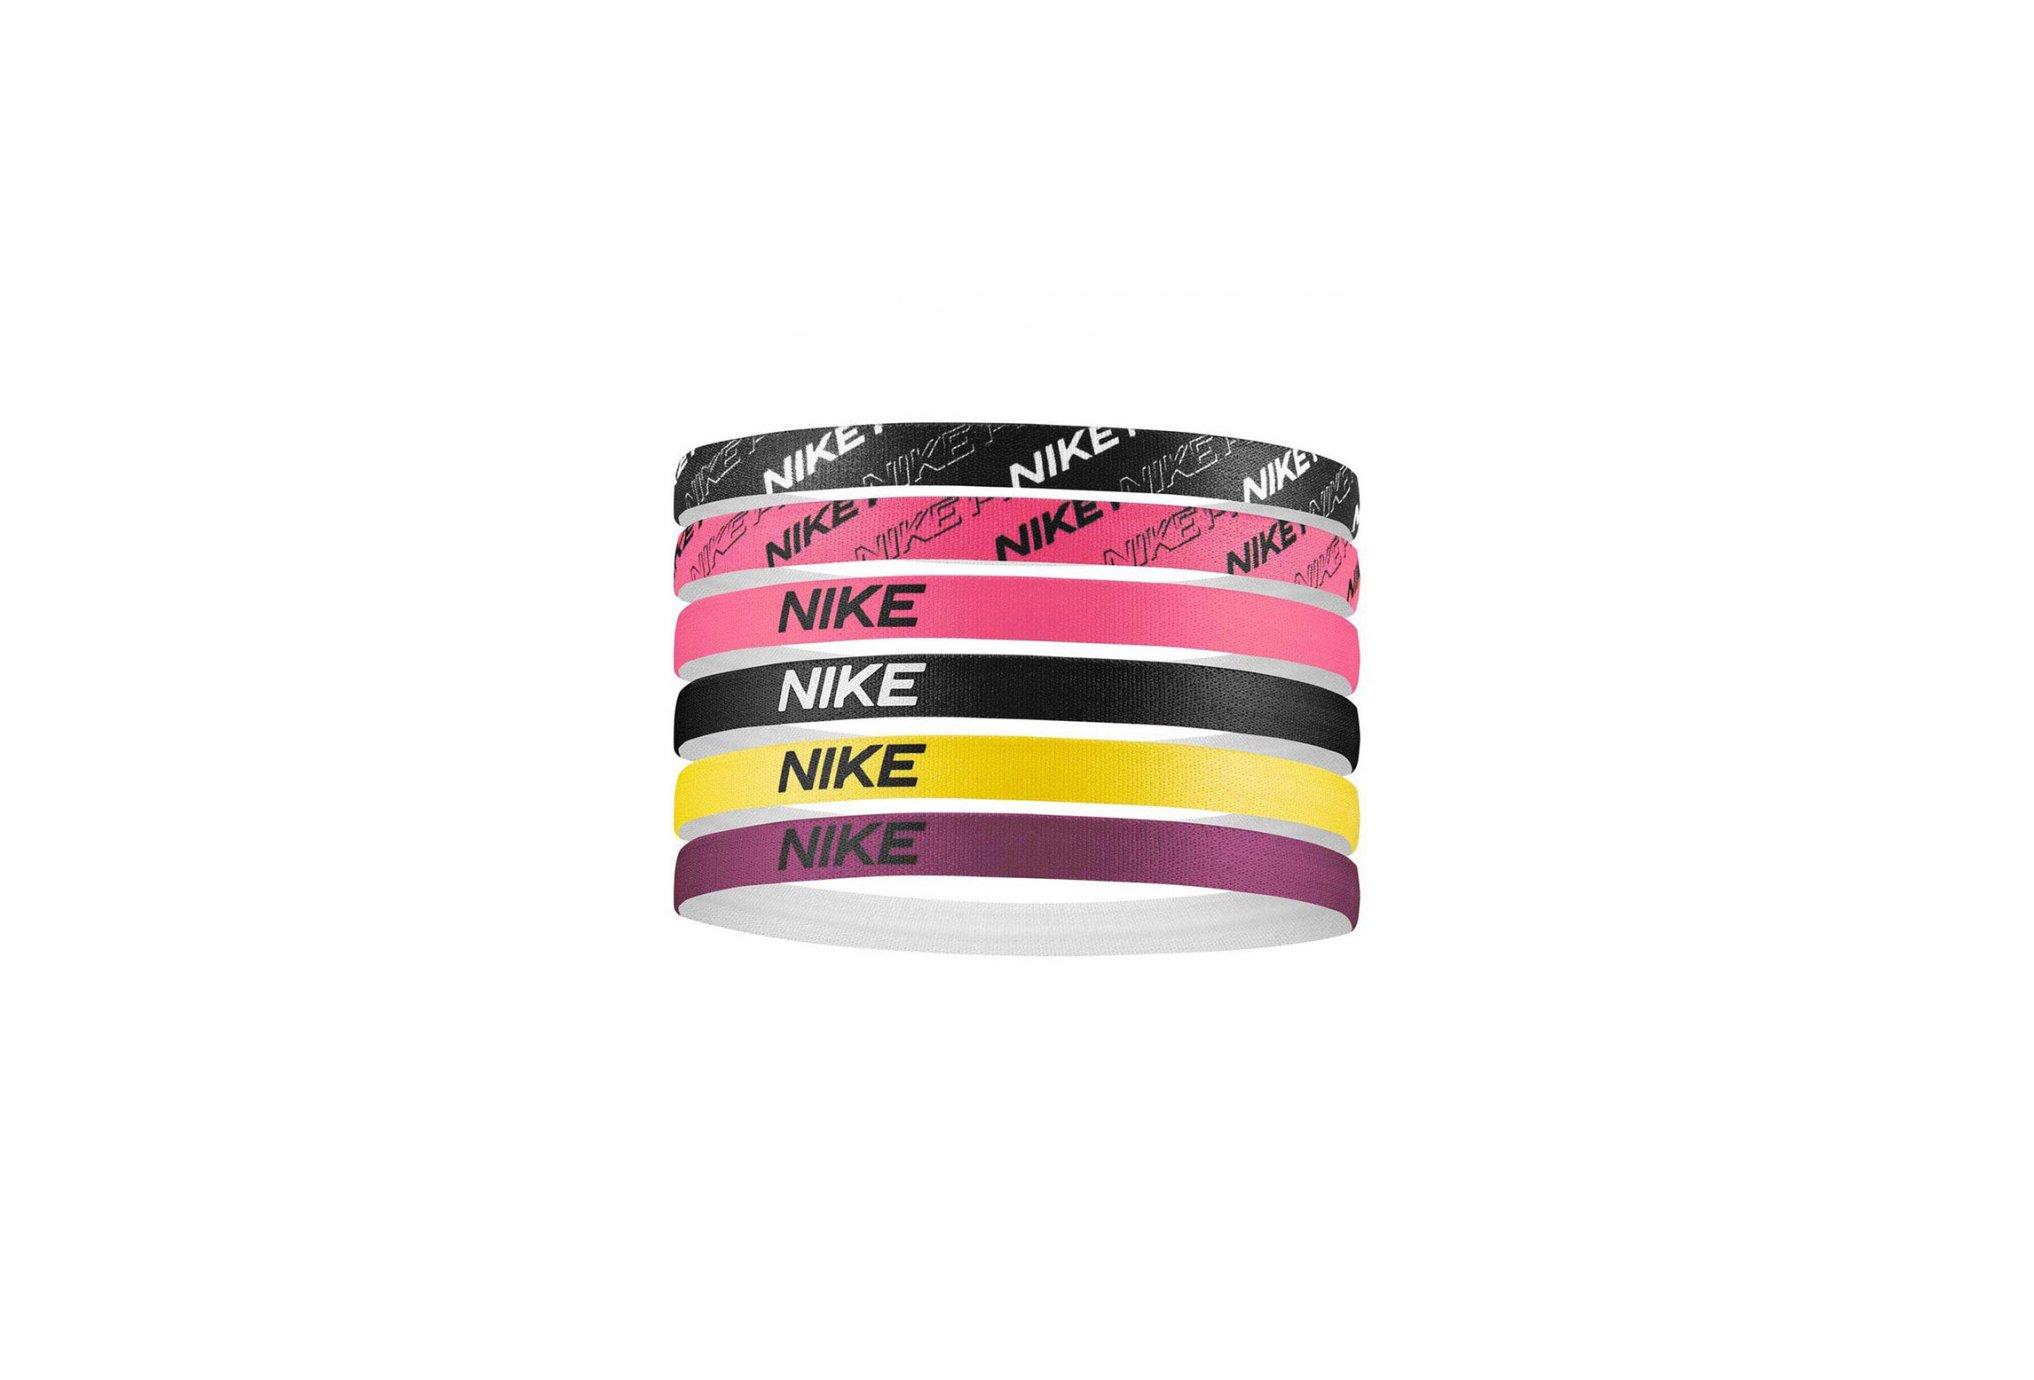 Nike Elastiques Hairbands X6 Diététique Accessoires